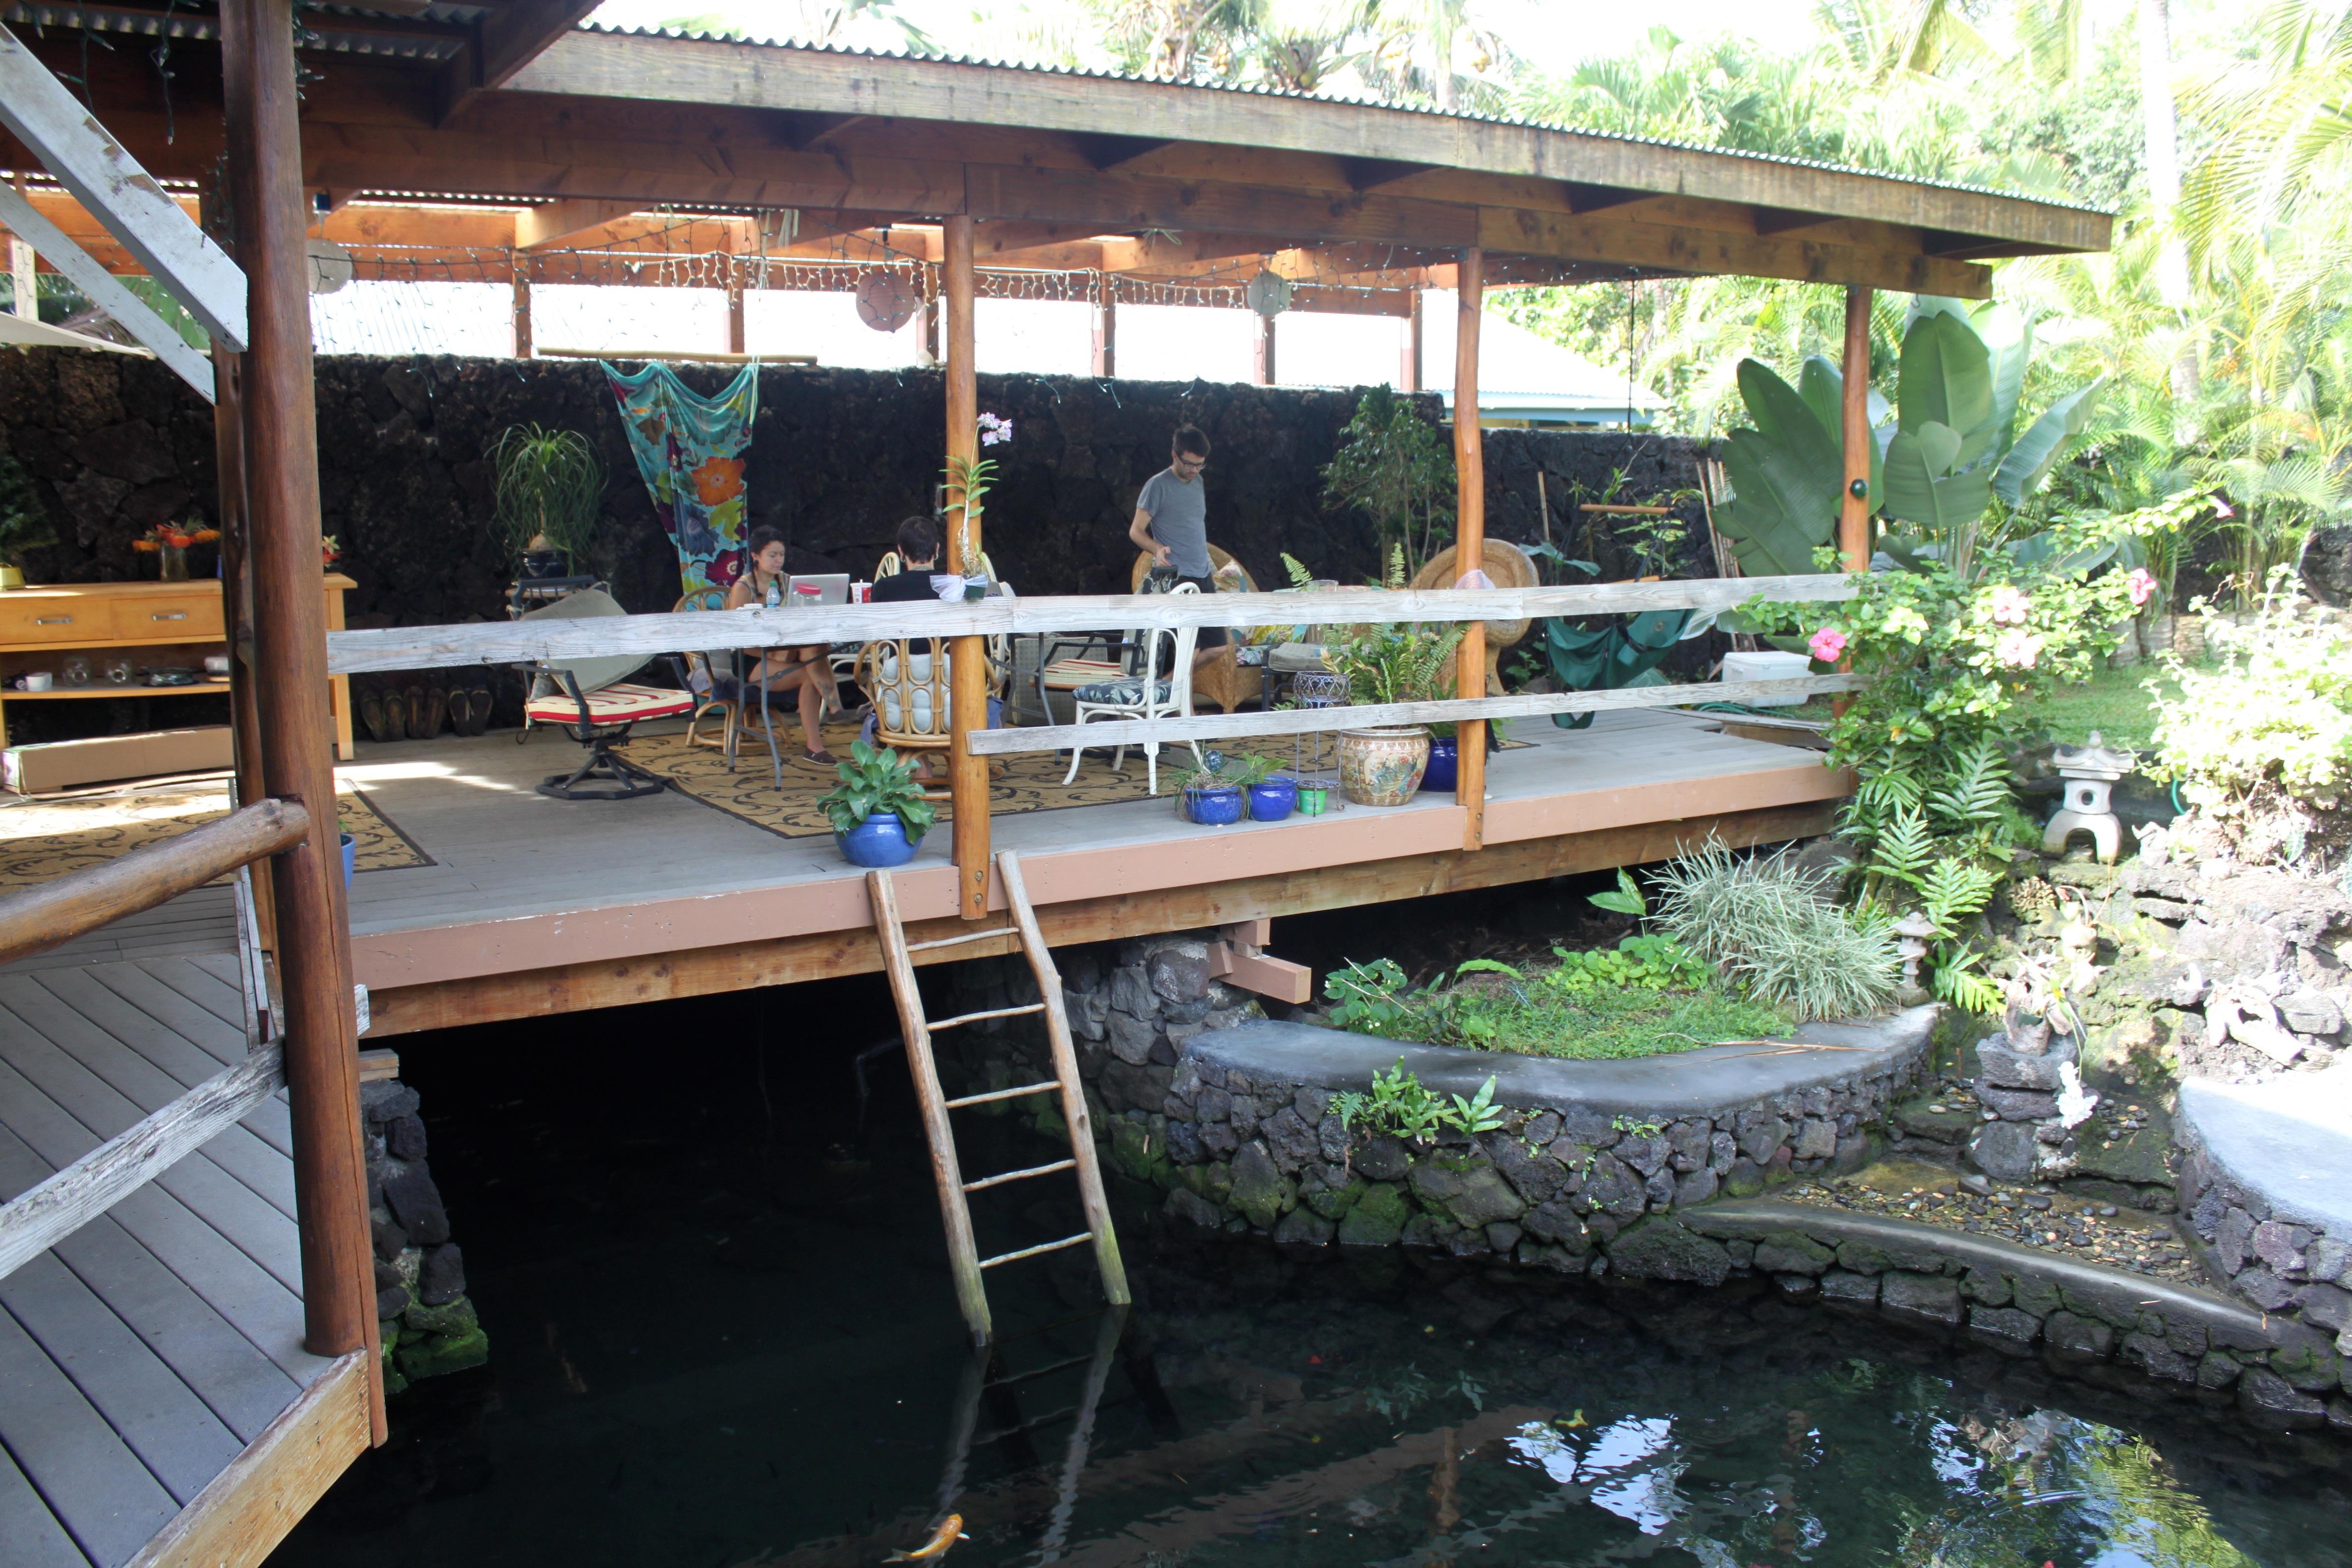 Hawaii - Big Island- Cathy & Robert's in Kapoho (6563812357).jpg Hawaii / Big Island: Cathy & Robert's in Kapoho Date 2 December 2011, 09:18